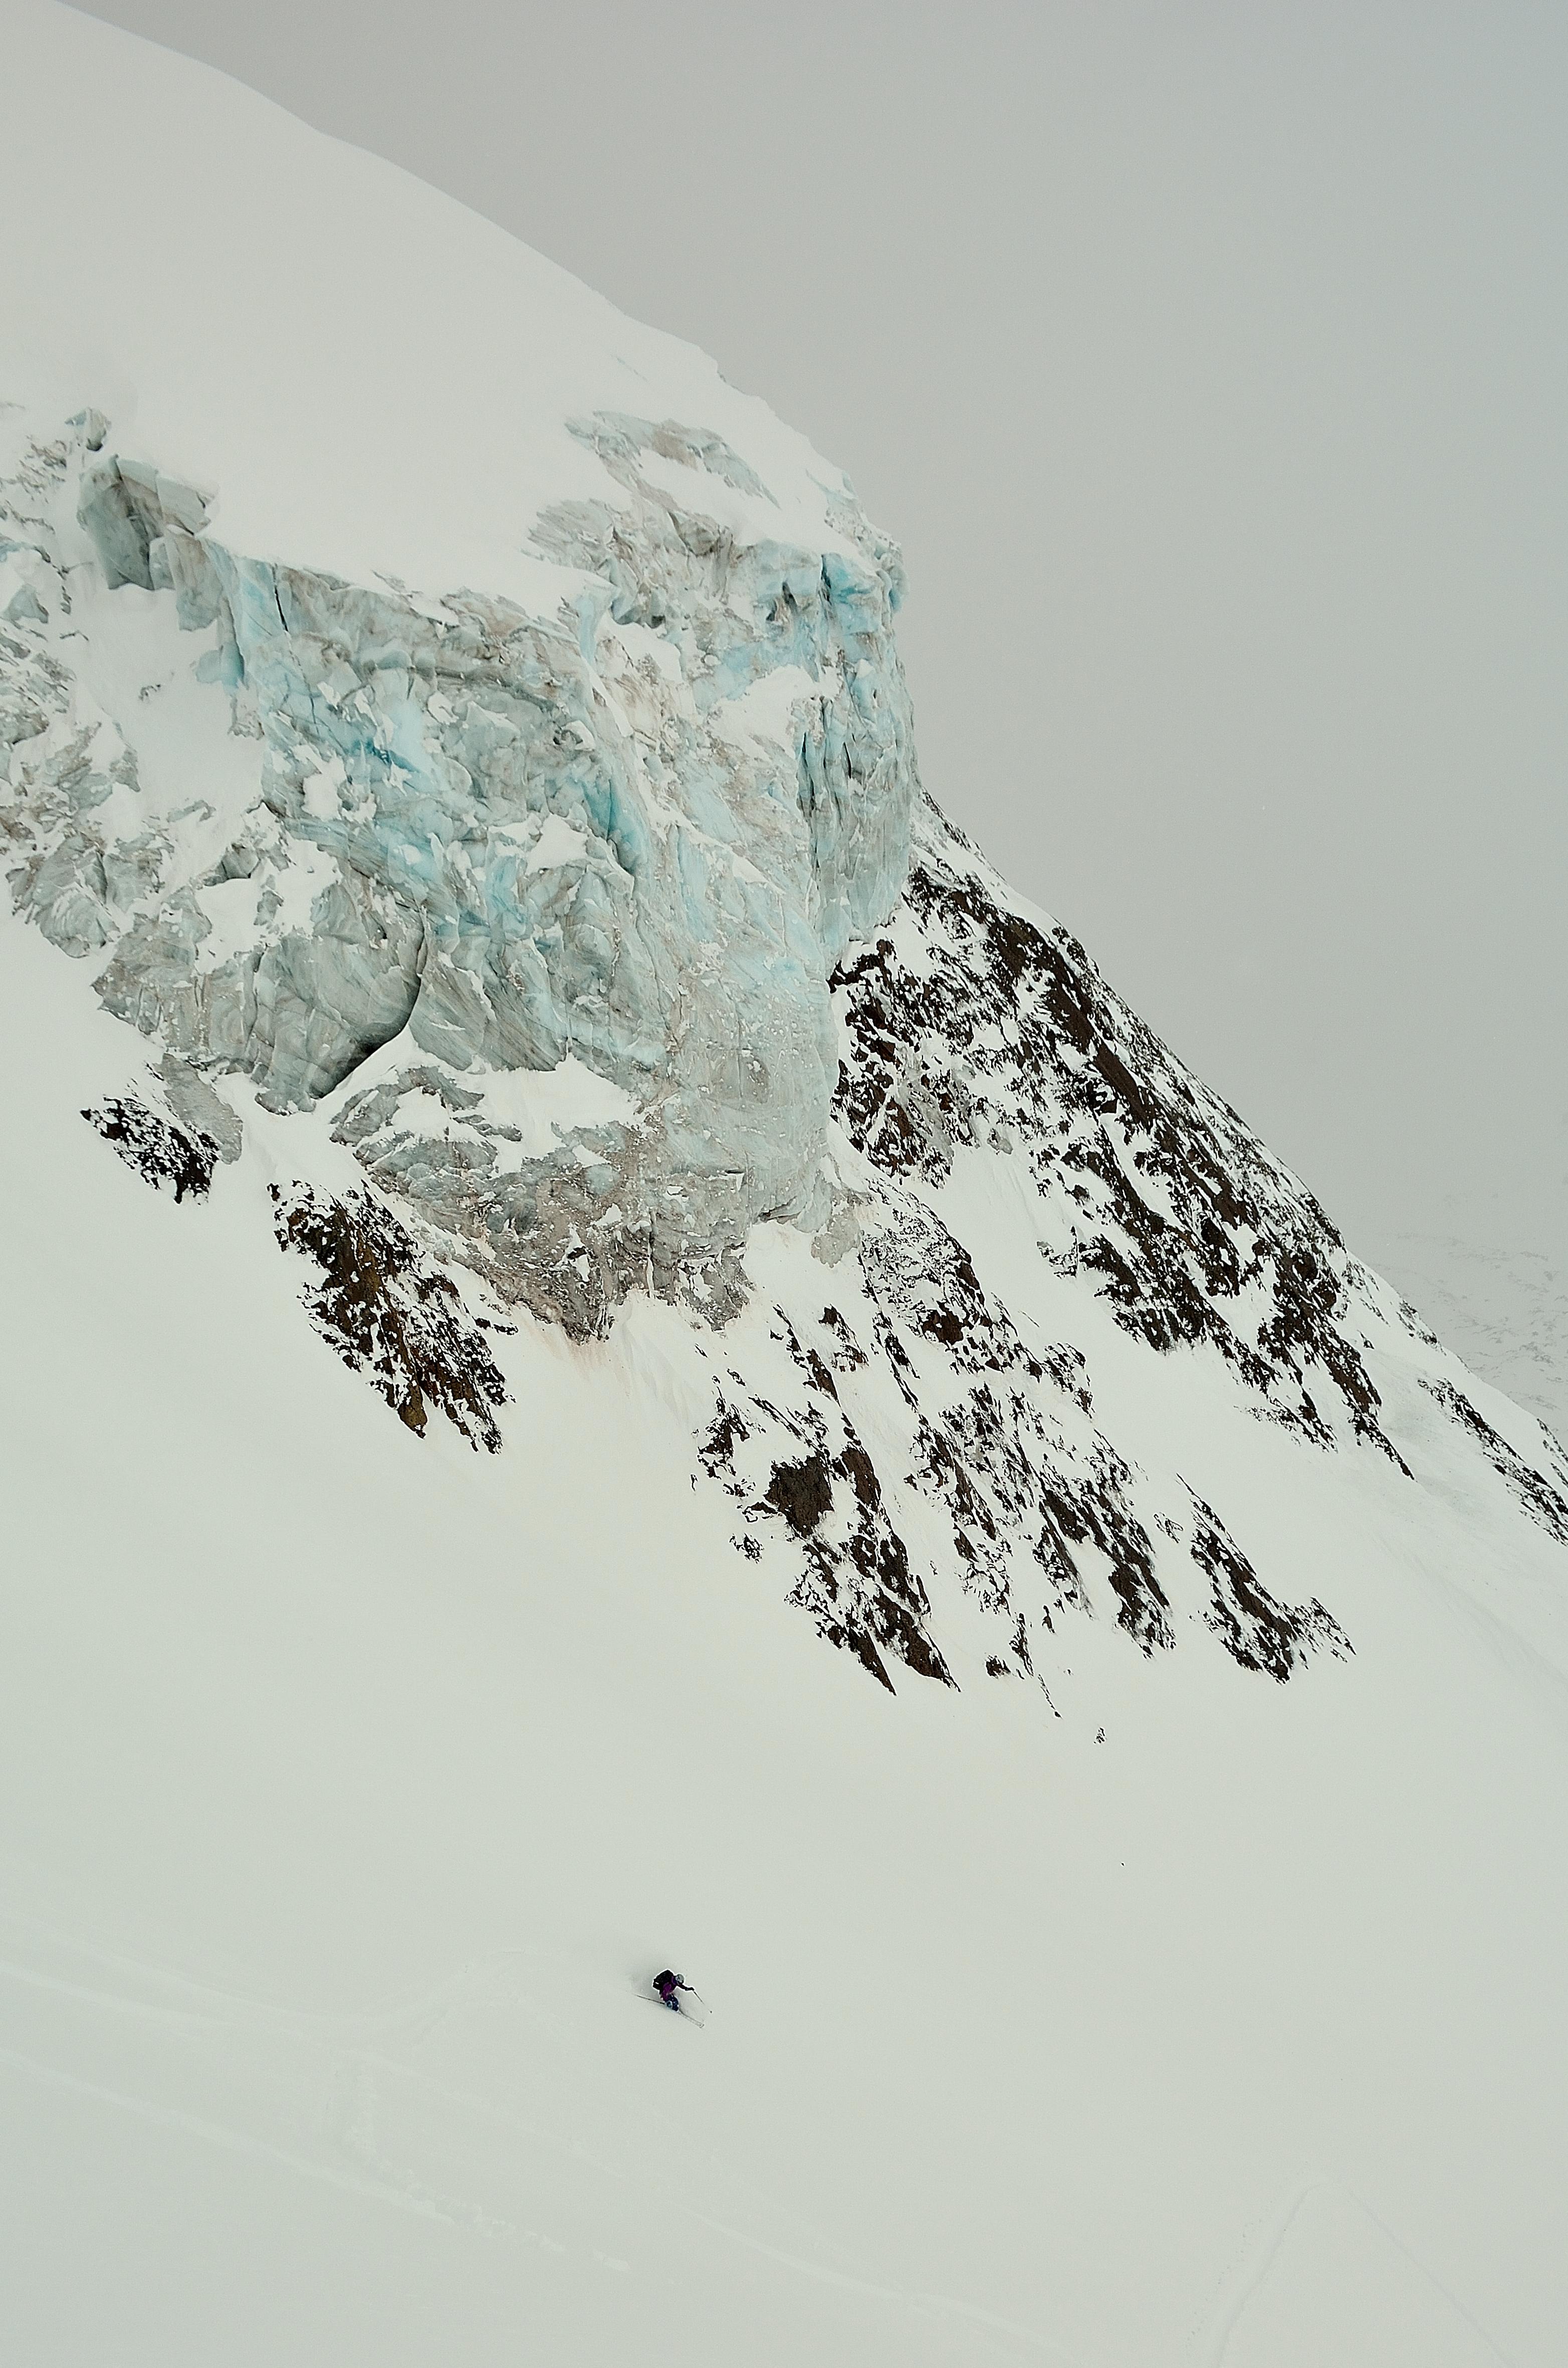 El glaciar, hermoso, que afortunada de estar cerca de él. Foto: Diego Sáez